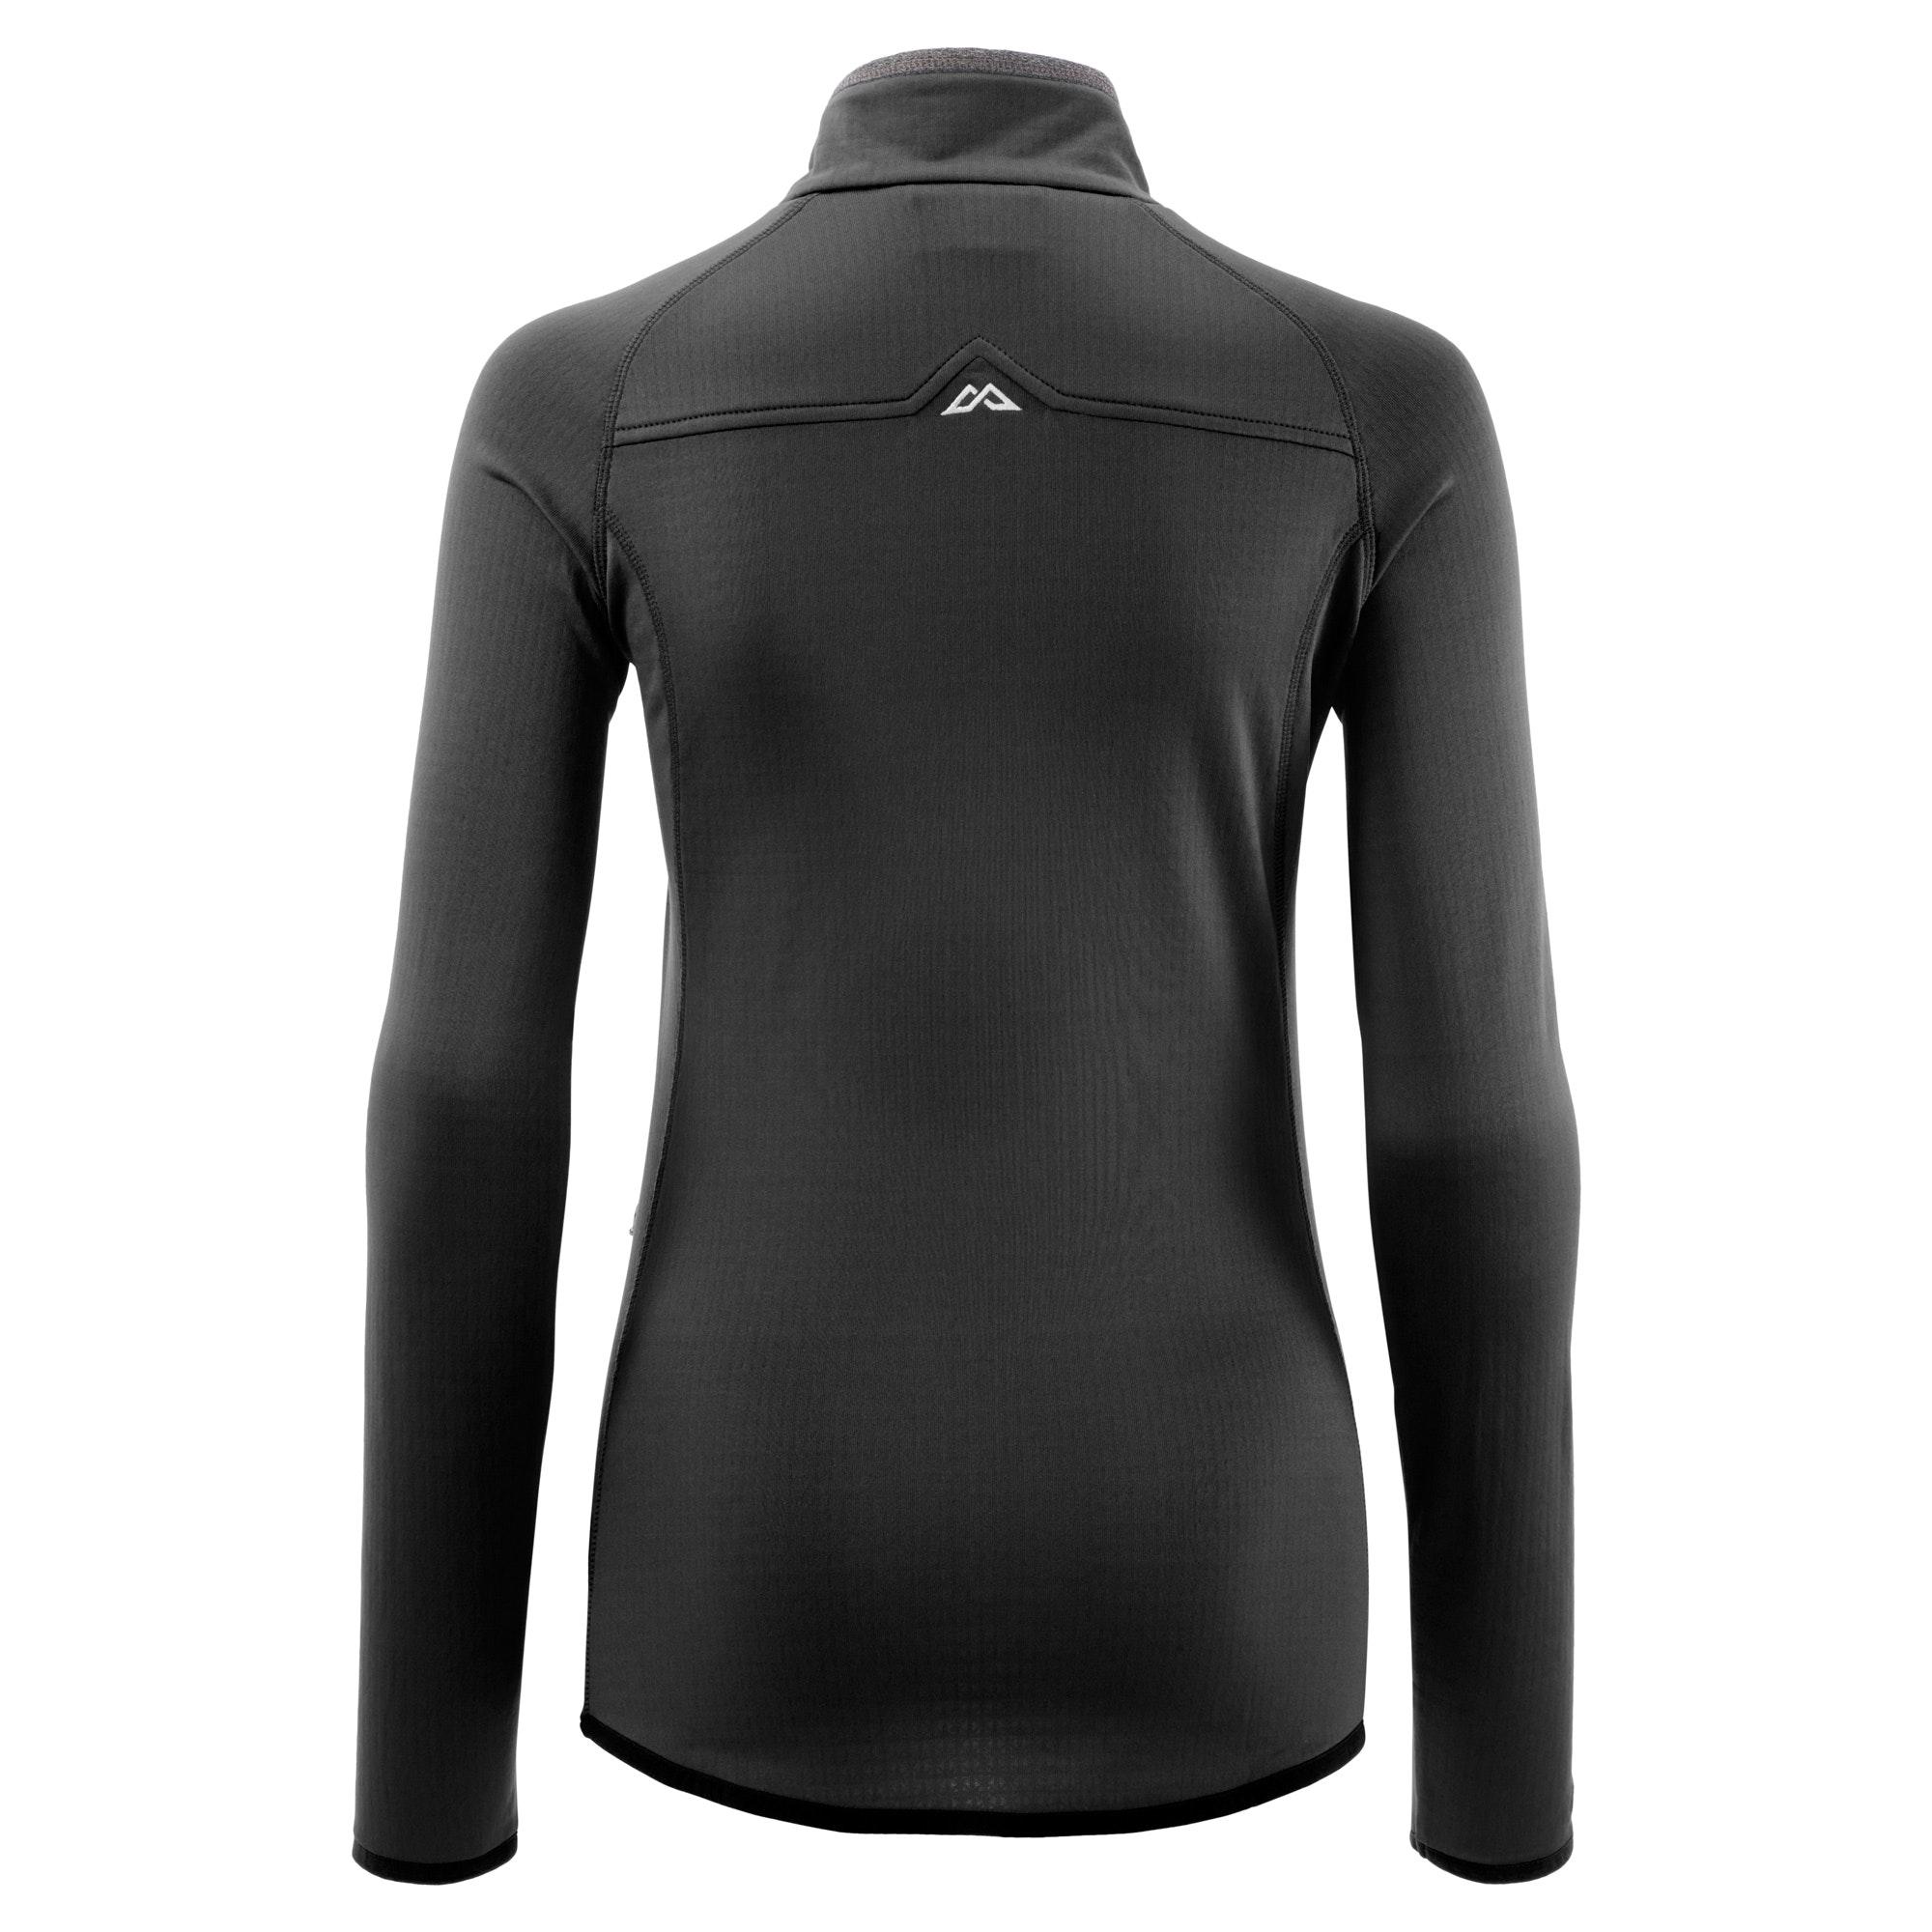 Expedite Women's Fleece Jacket - Teal Blue